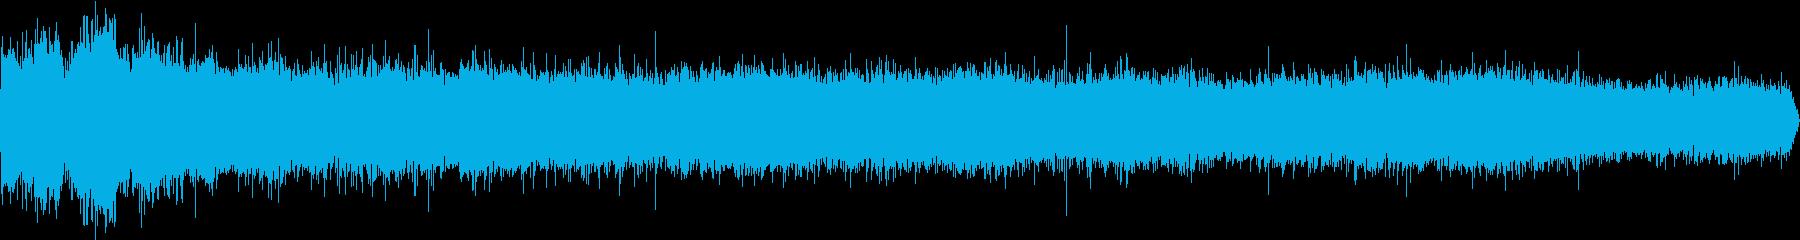 雨の音(強め)の再生済みの波形